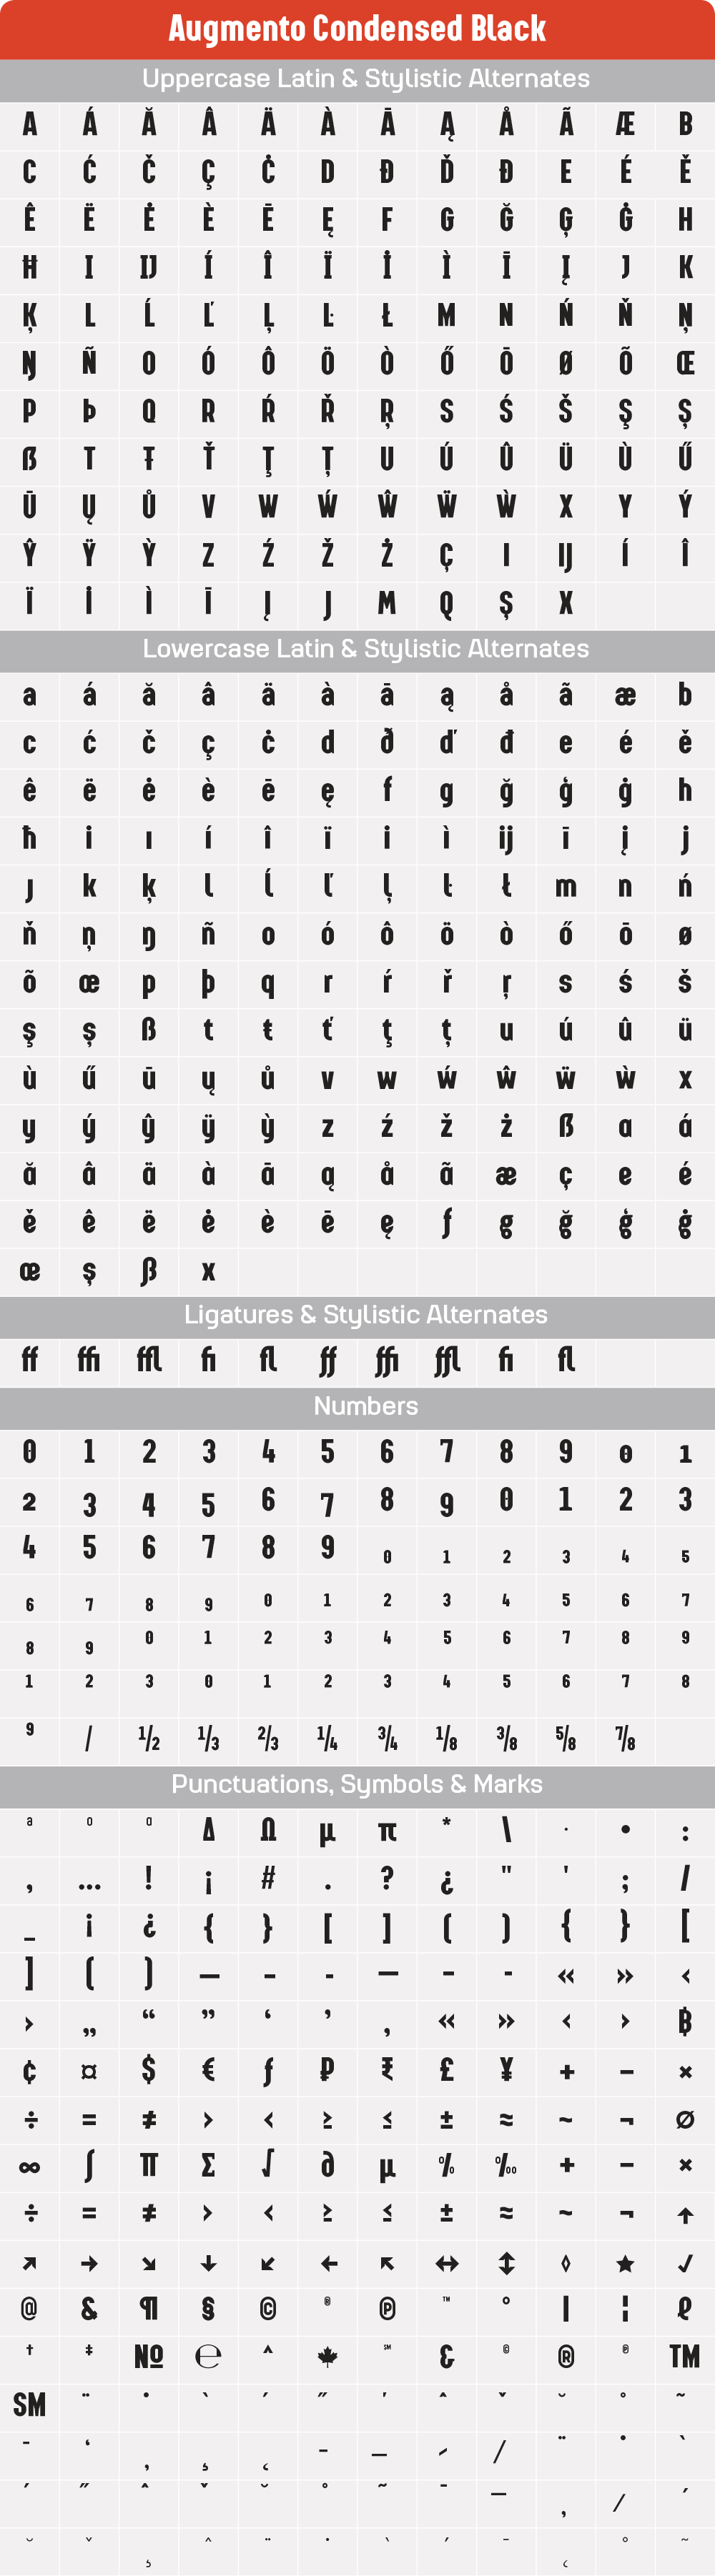 Condensed BlackAugmento-GlyphTable.png